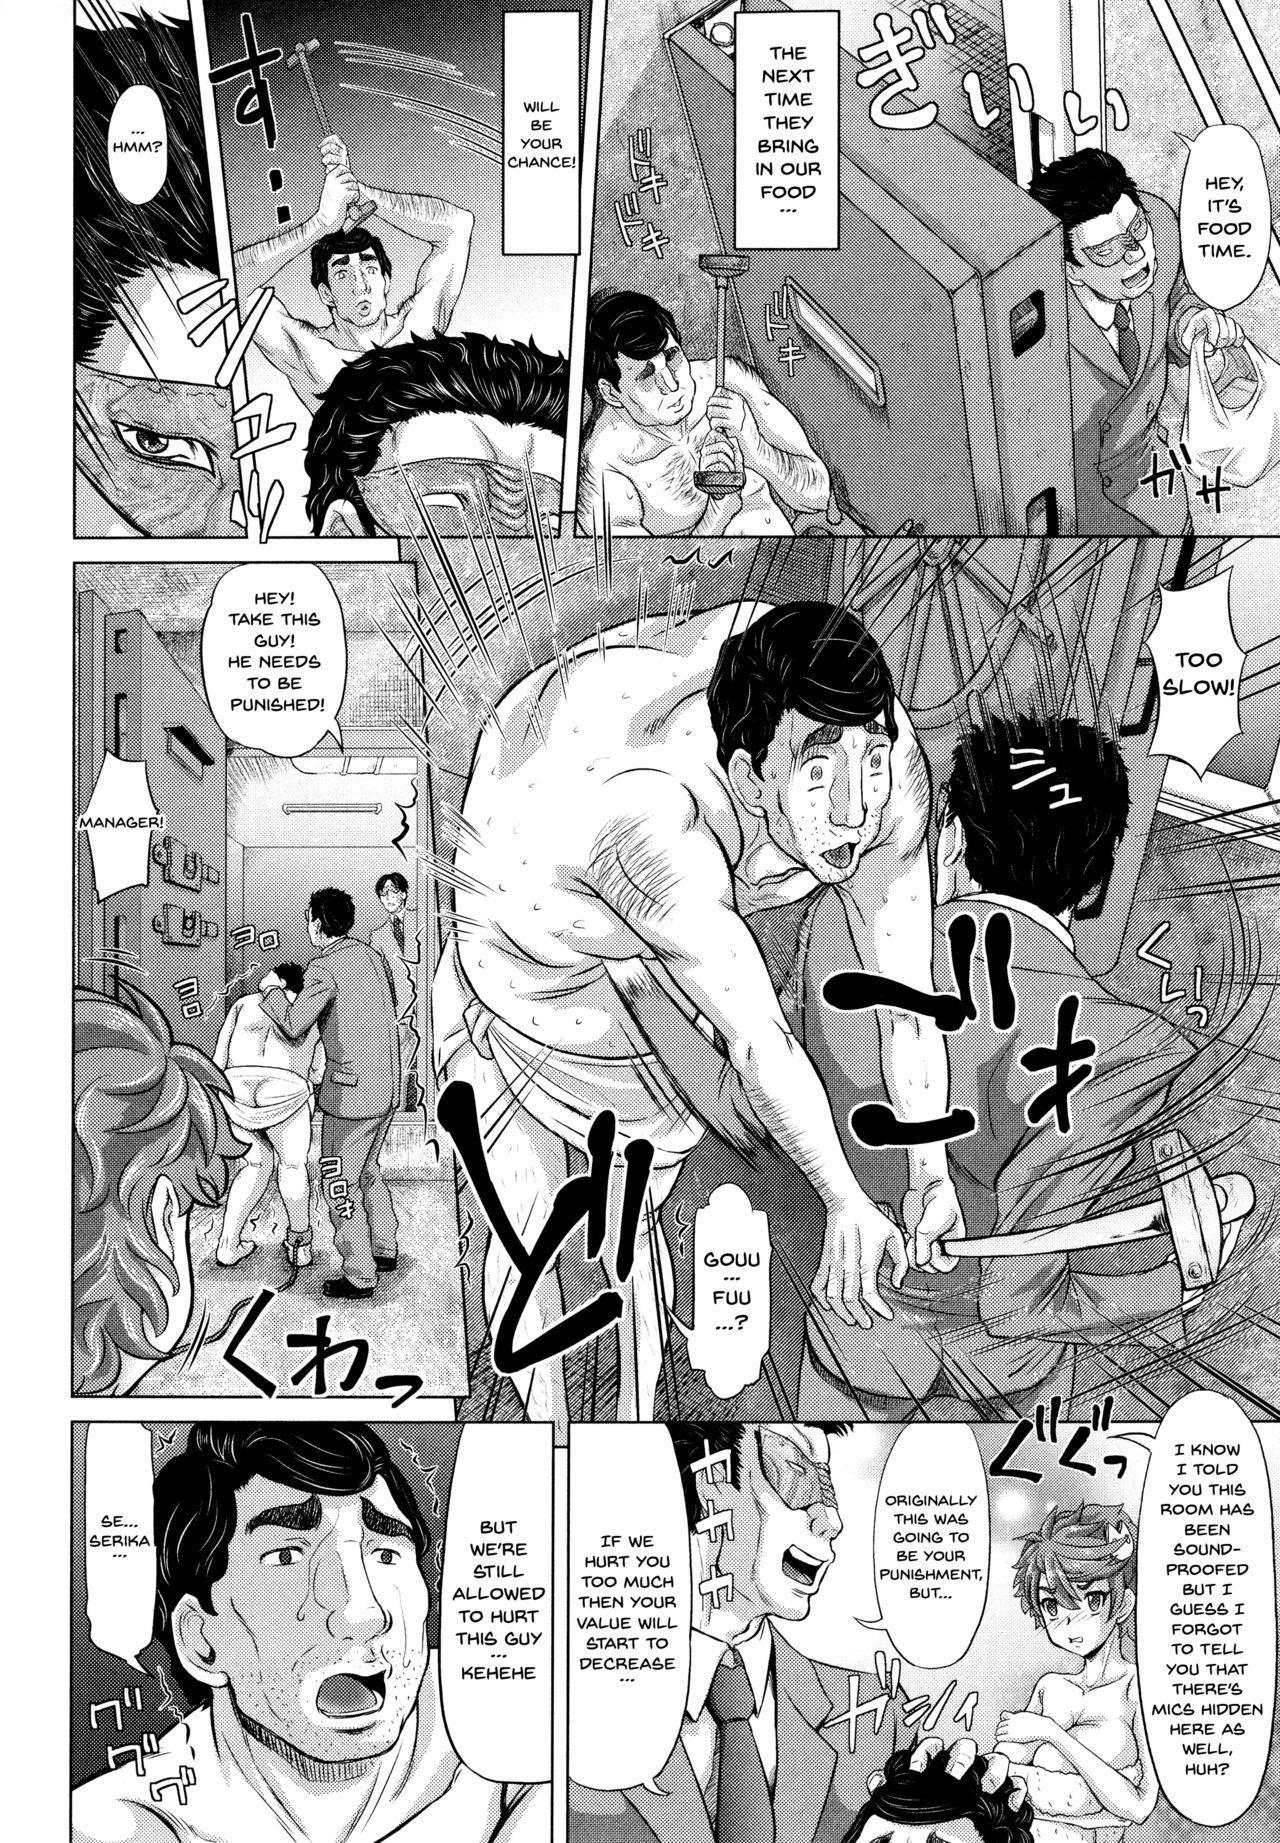 [Minority] Negative Kanako-sensei Ch. 1-3 [English] {Doujins.com} 73